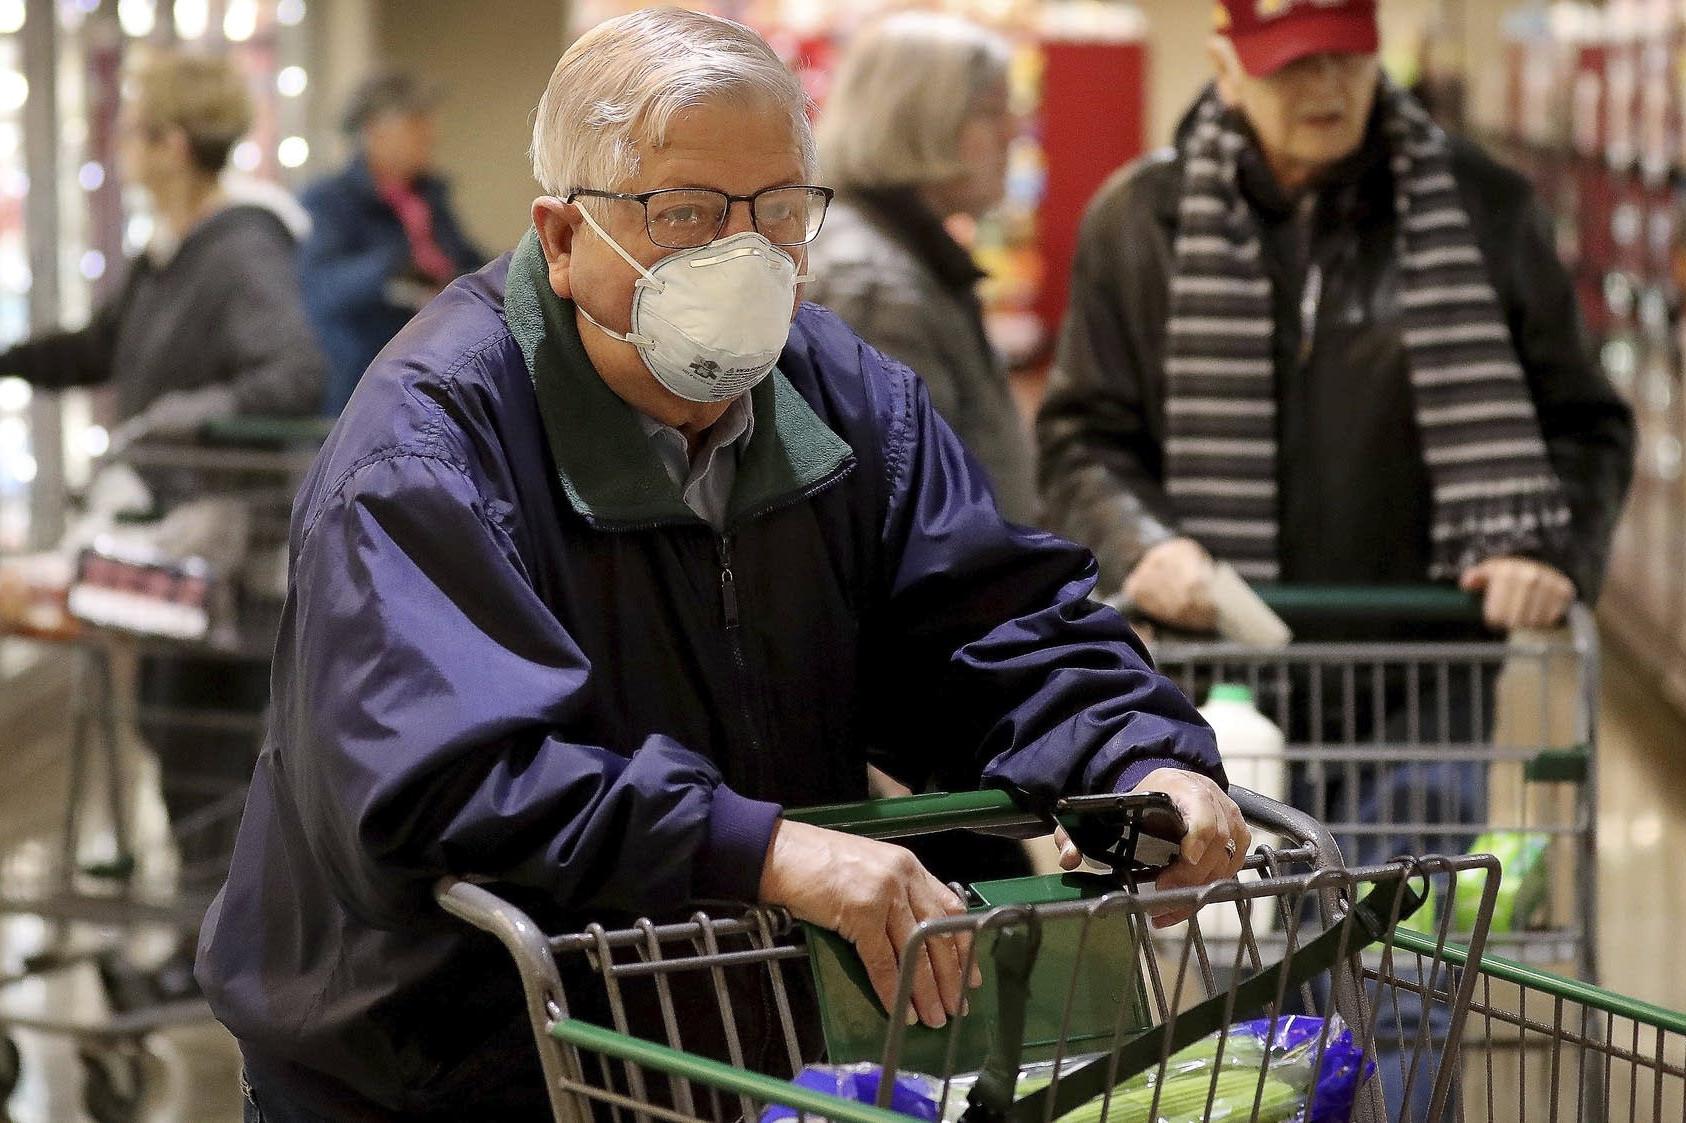 Penzioneri sa zaštitnim maskama u jutarnjoj kupovini u gradu Idajna, u Minesoti, 19. mart 2020. (Foto: Merlin Smith/Star Tribune via AP)